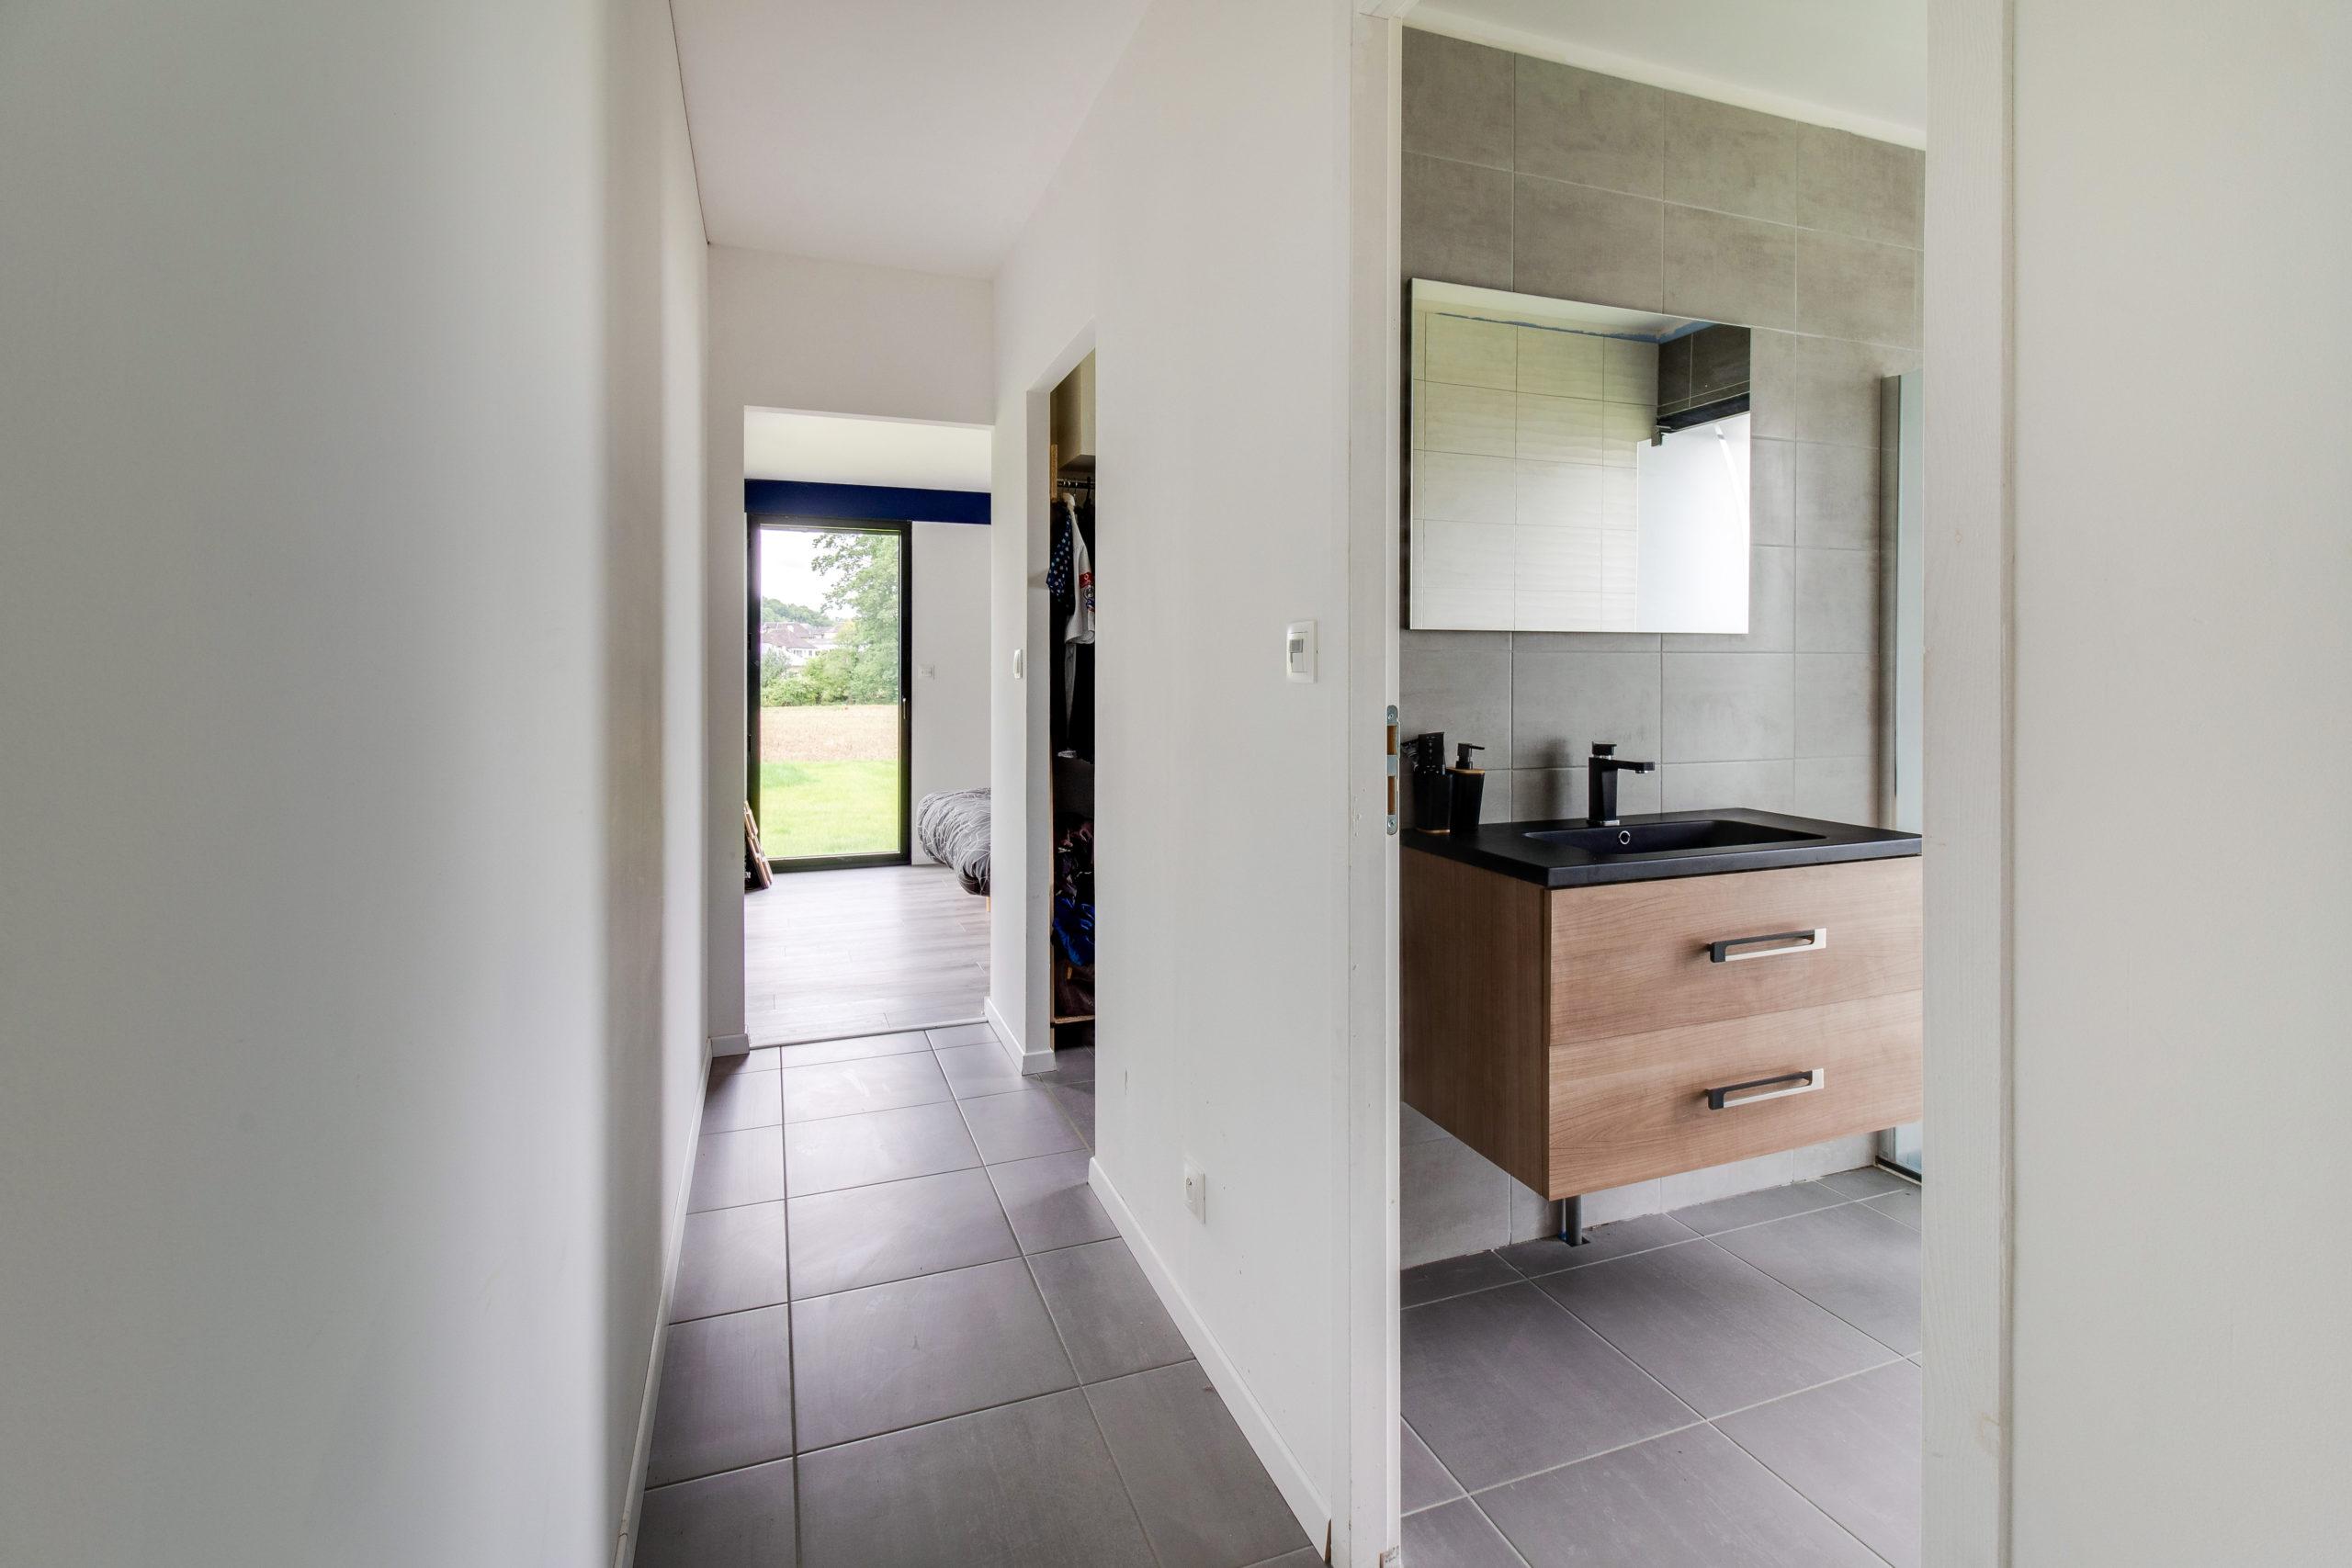 Atelier-Plurielles-architectures-construction-maison-Bearn-salle de bain